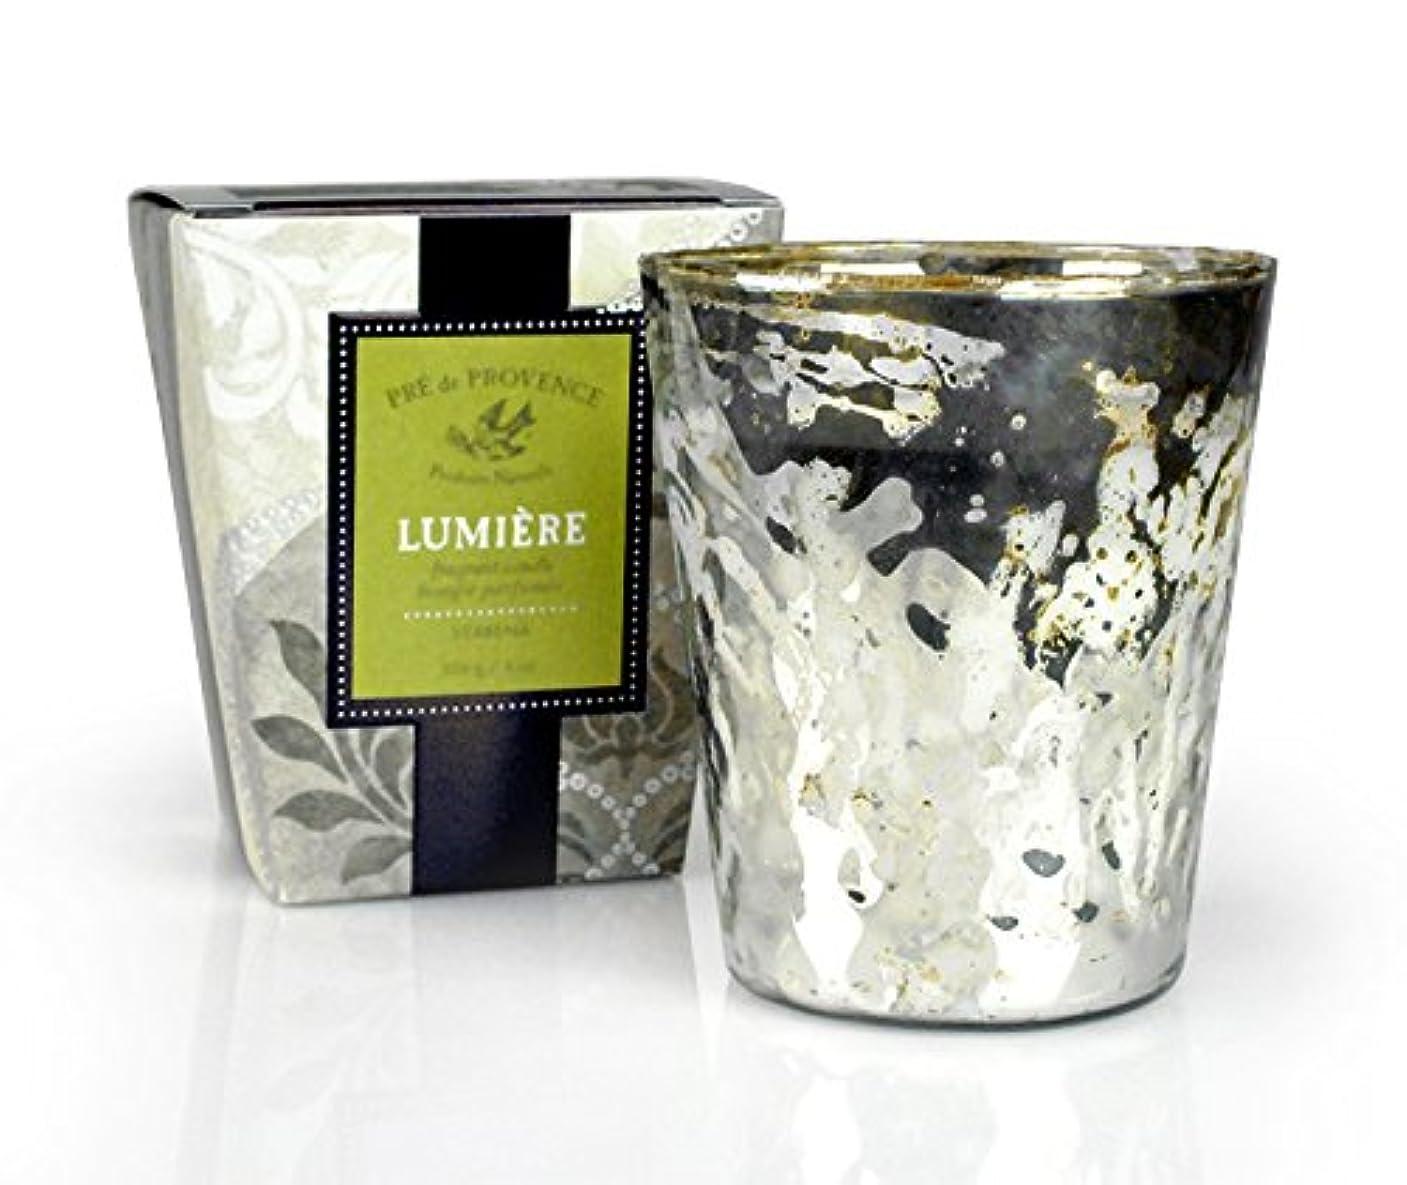 例肌ヘクタールPRE de PROVENCE ルミエール フレグラントキャンドル バーベナ VERBENA プレ ドゥ プロヴァンス Lumiere Fragrant Candle Collection